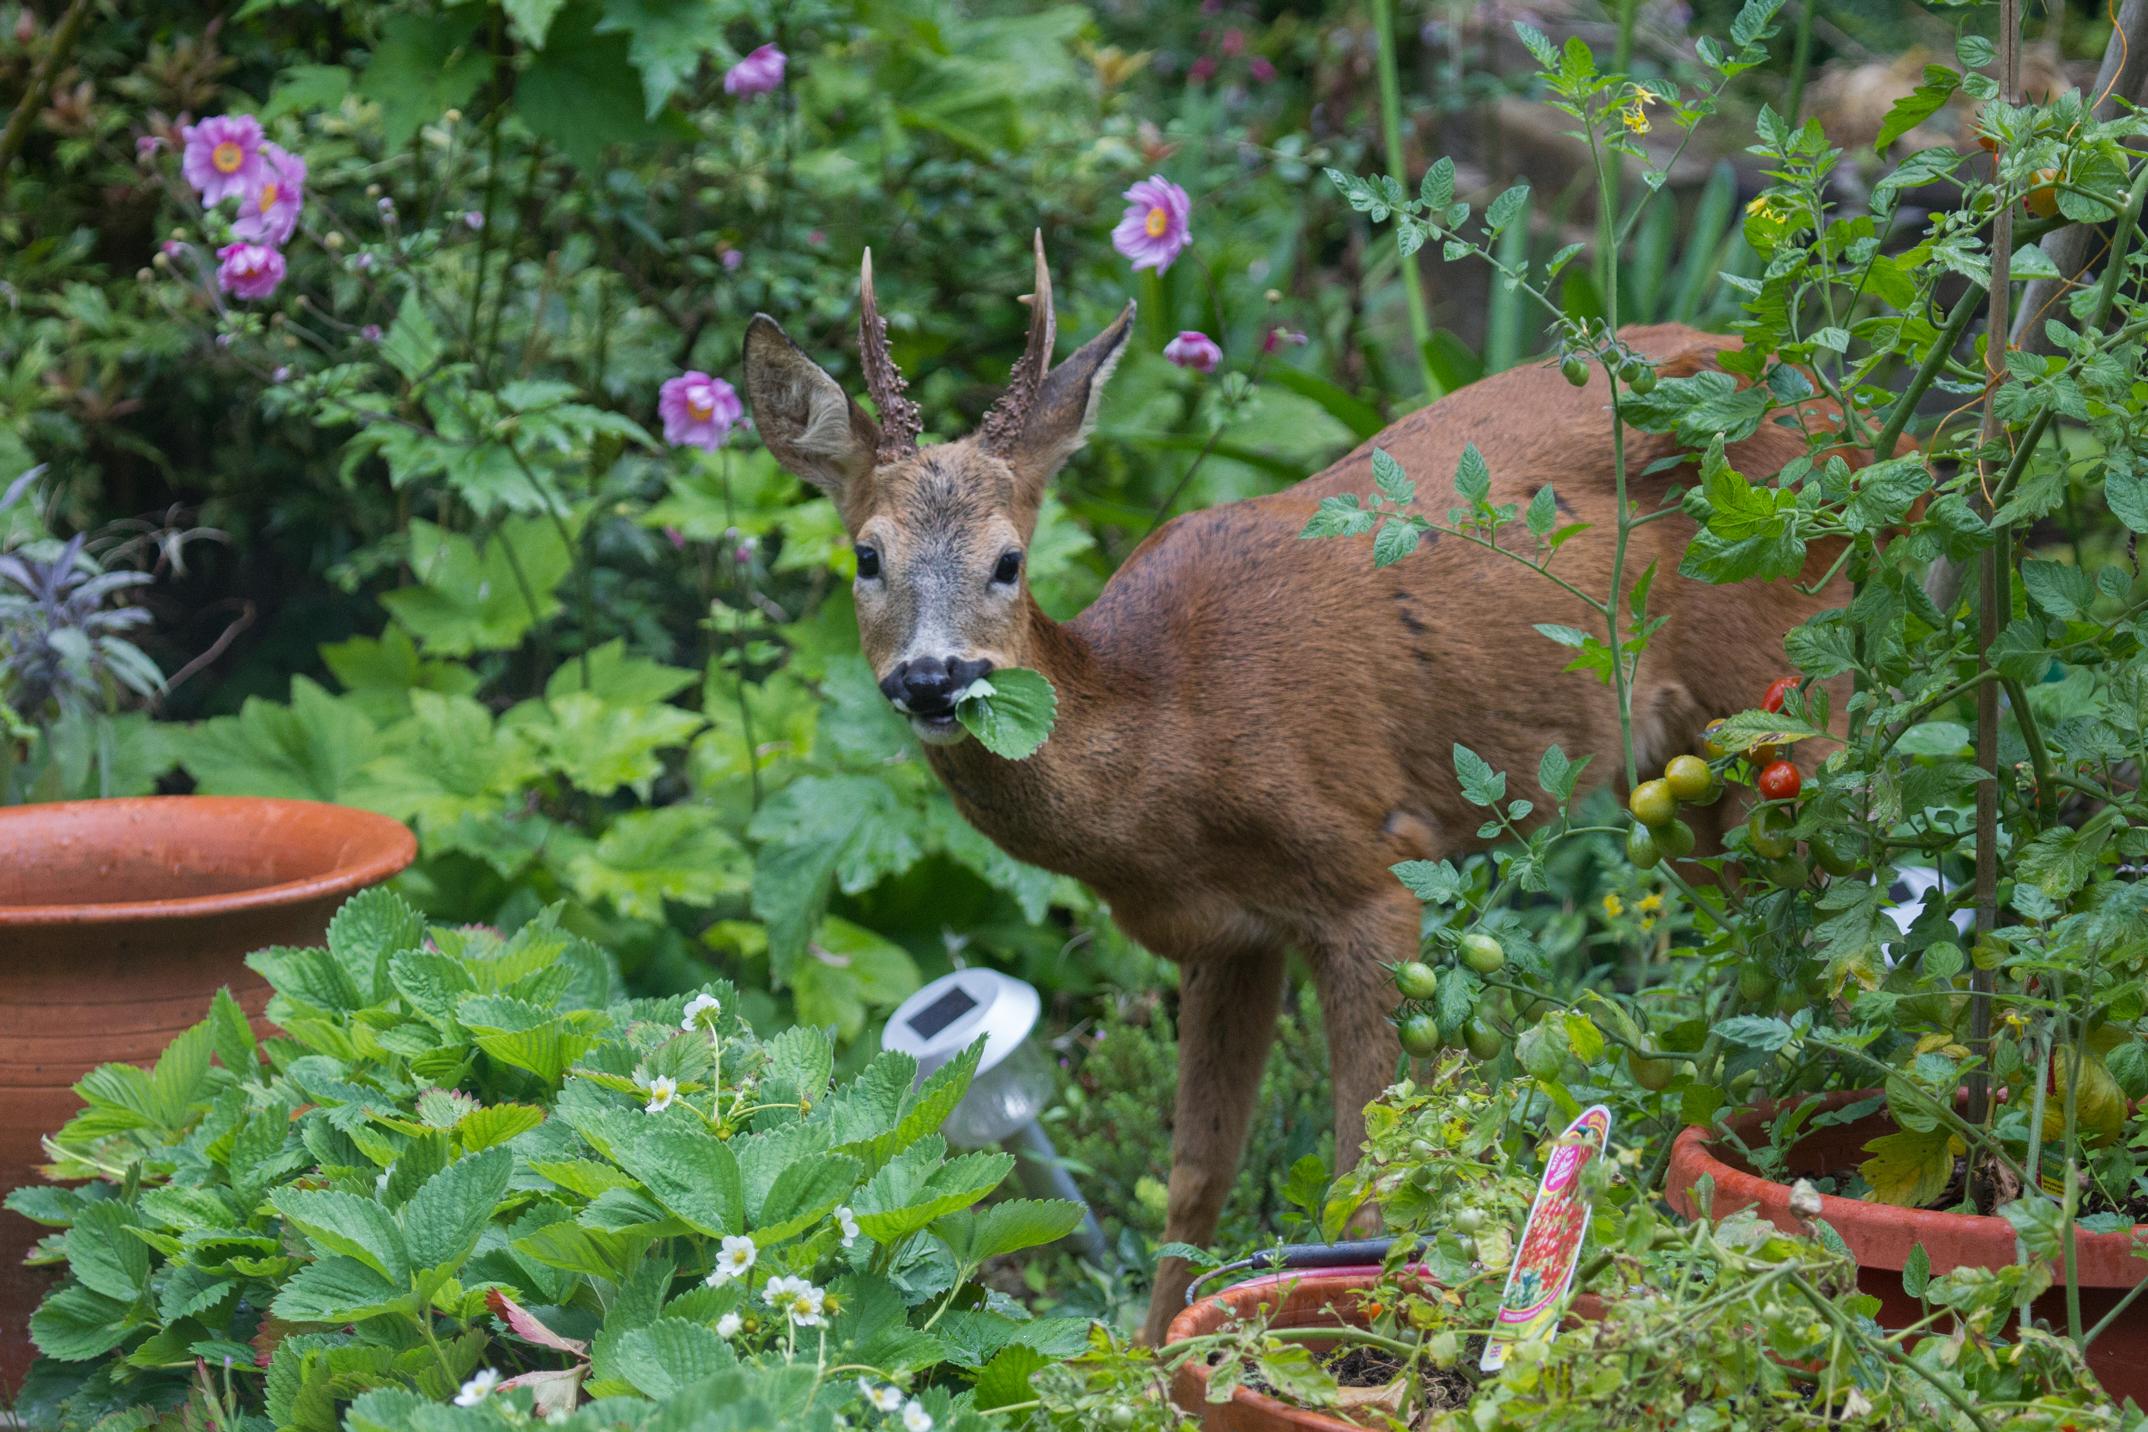 Deer Resistant Garden How To Keep Deer Out Of Garden